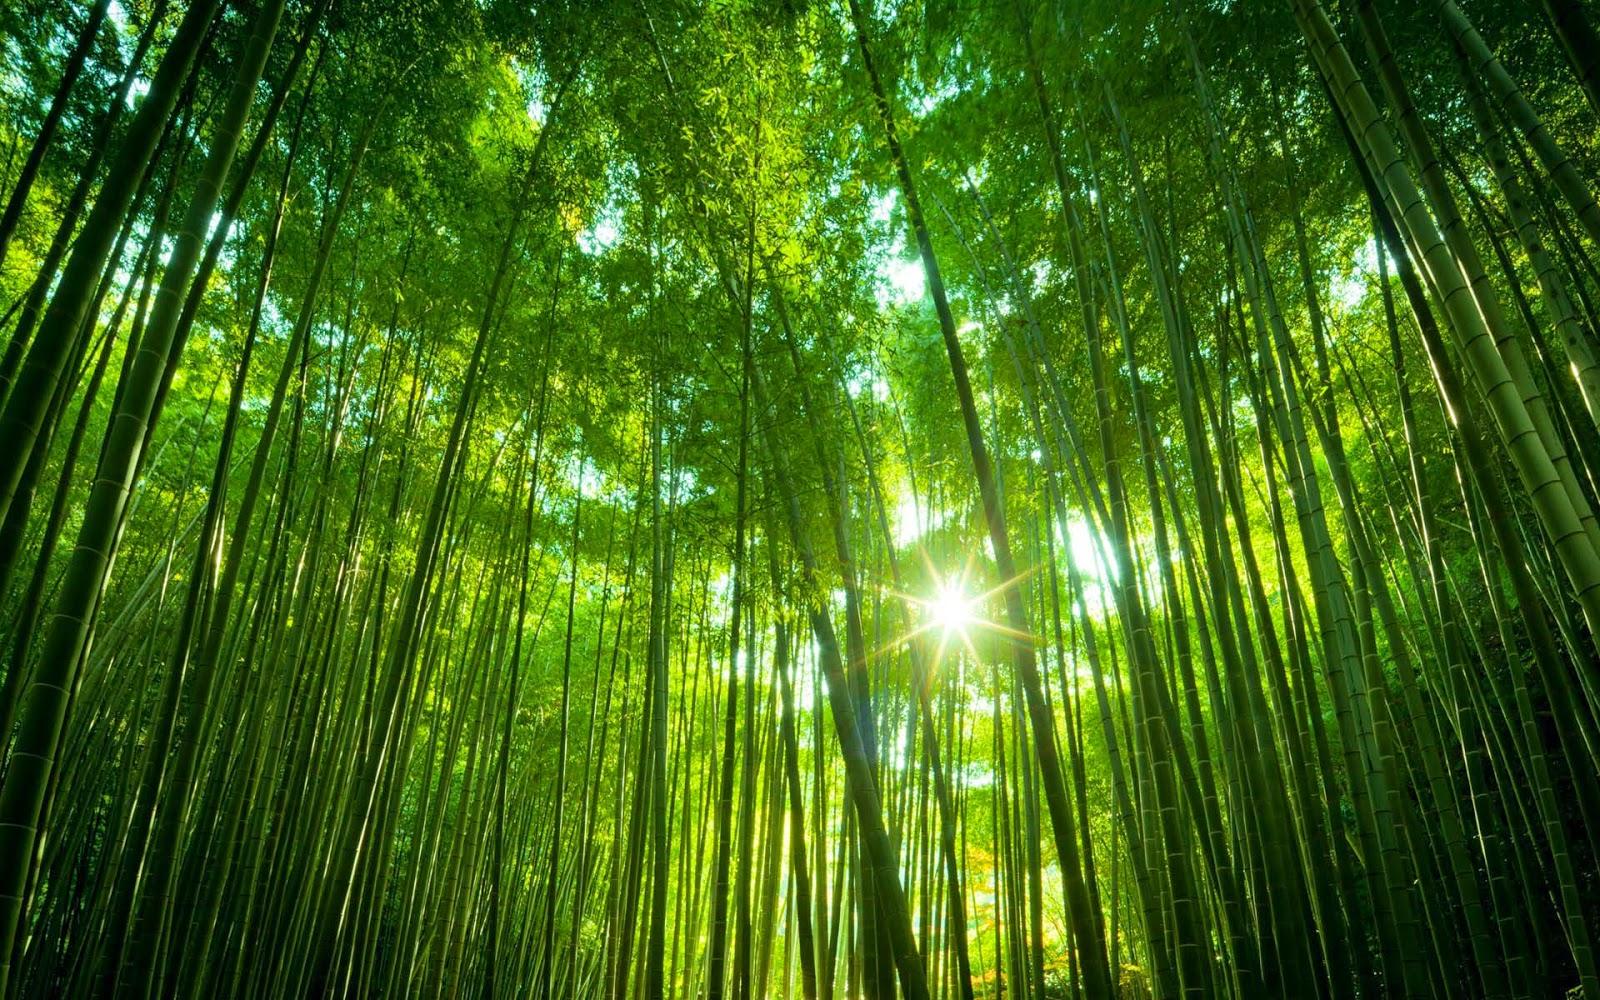 Hình ảnh rừng tre xanh và nắng vàng